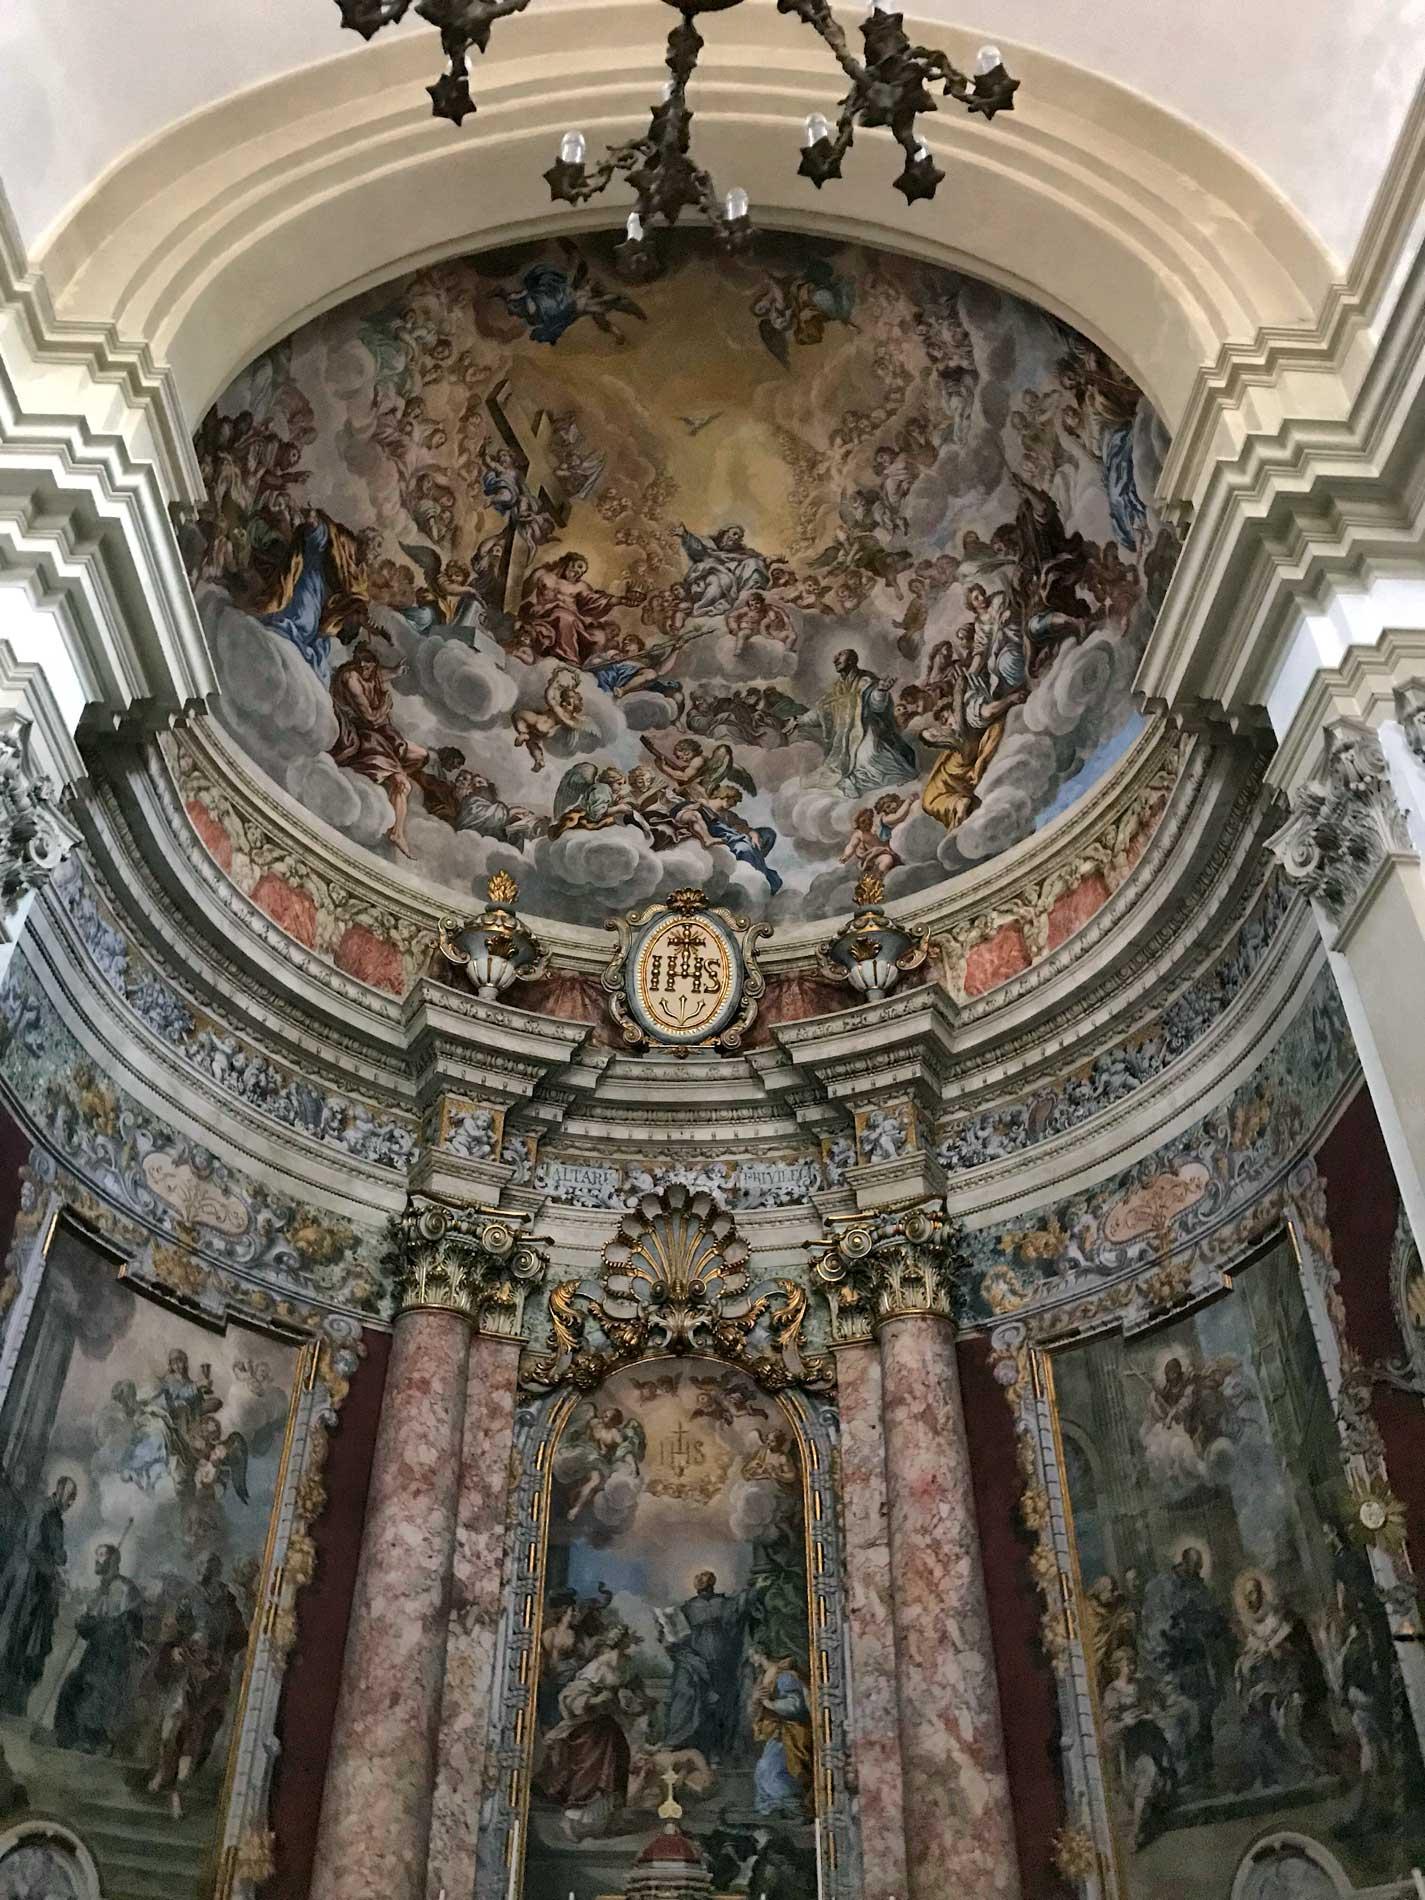 Chiesa-del-Gesu-Dubrovnik-interno-abside-barocco